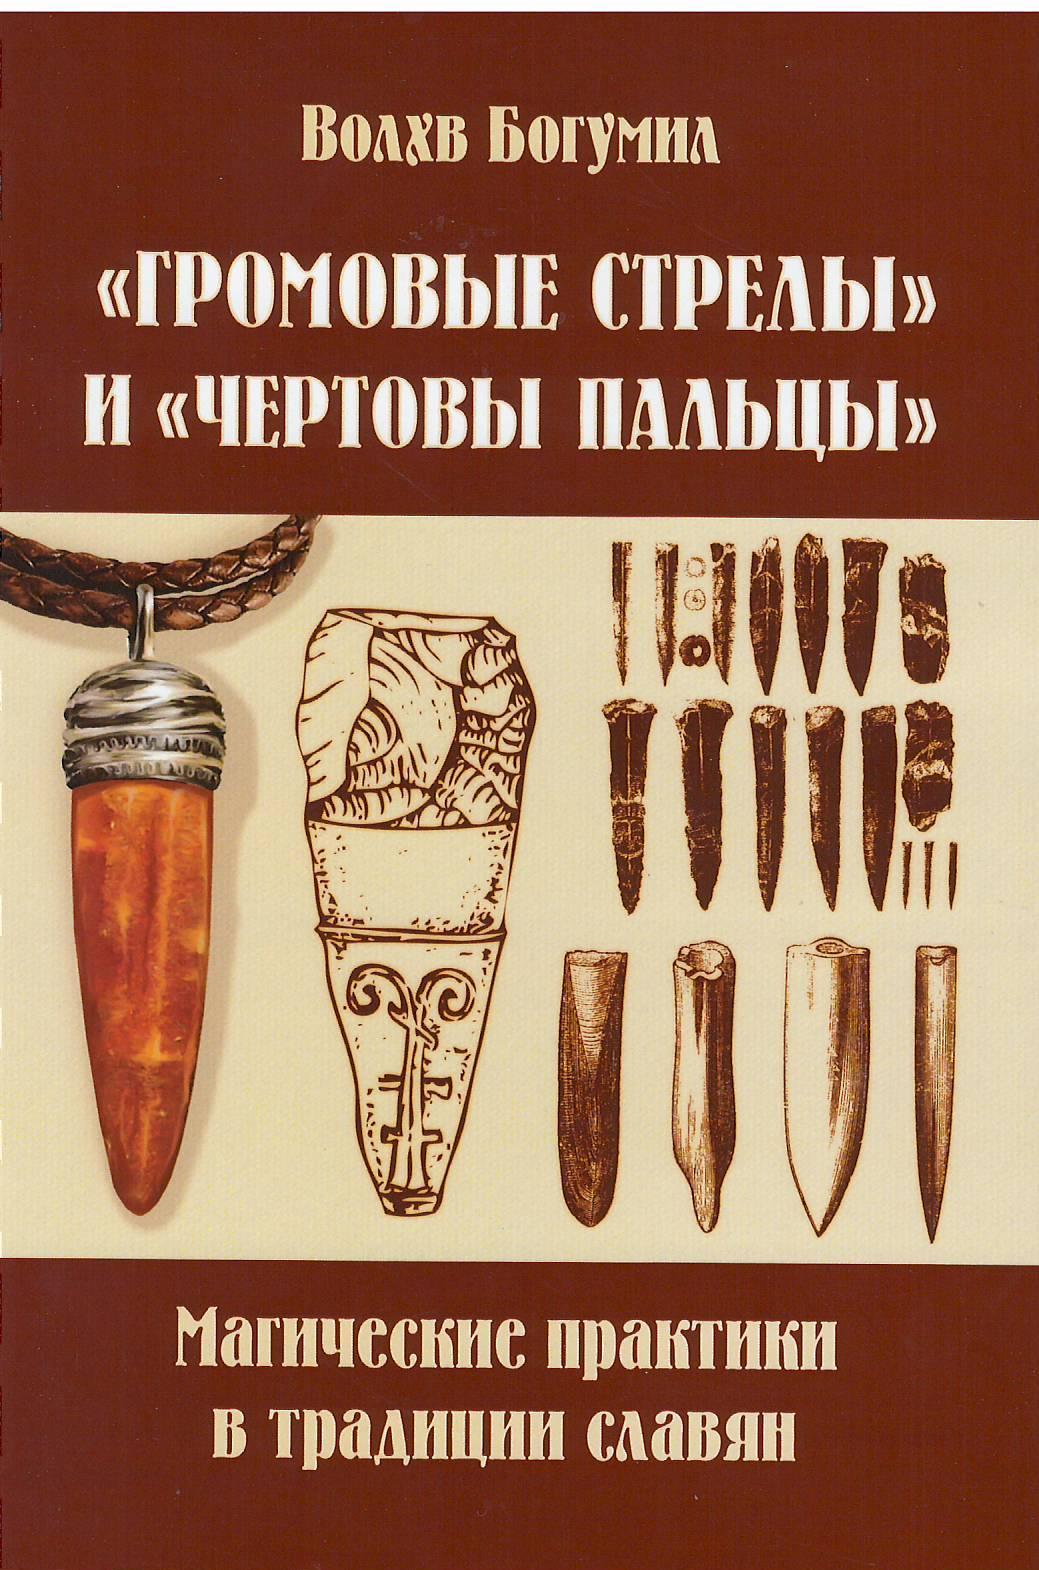 Громовые стрелы и чертовы пальцы: магические практики в традиции славян